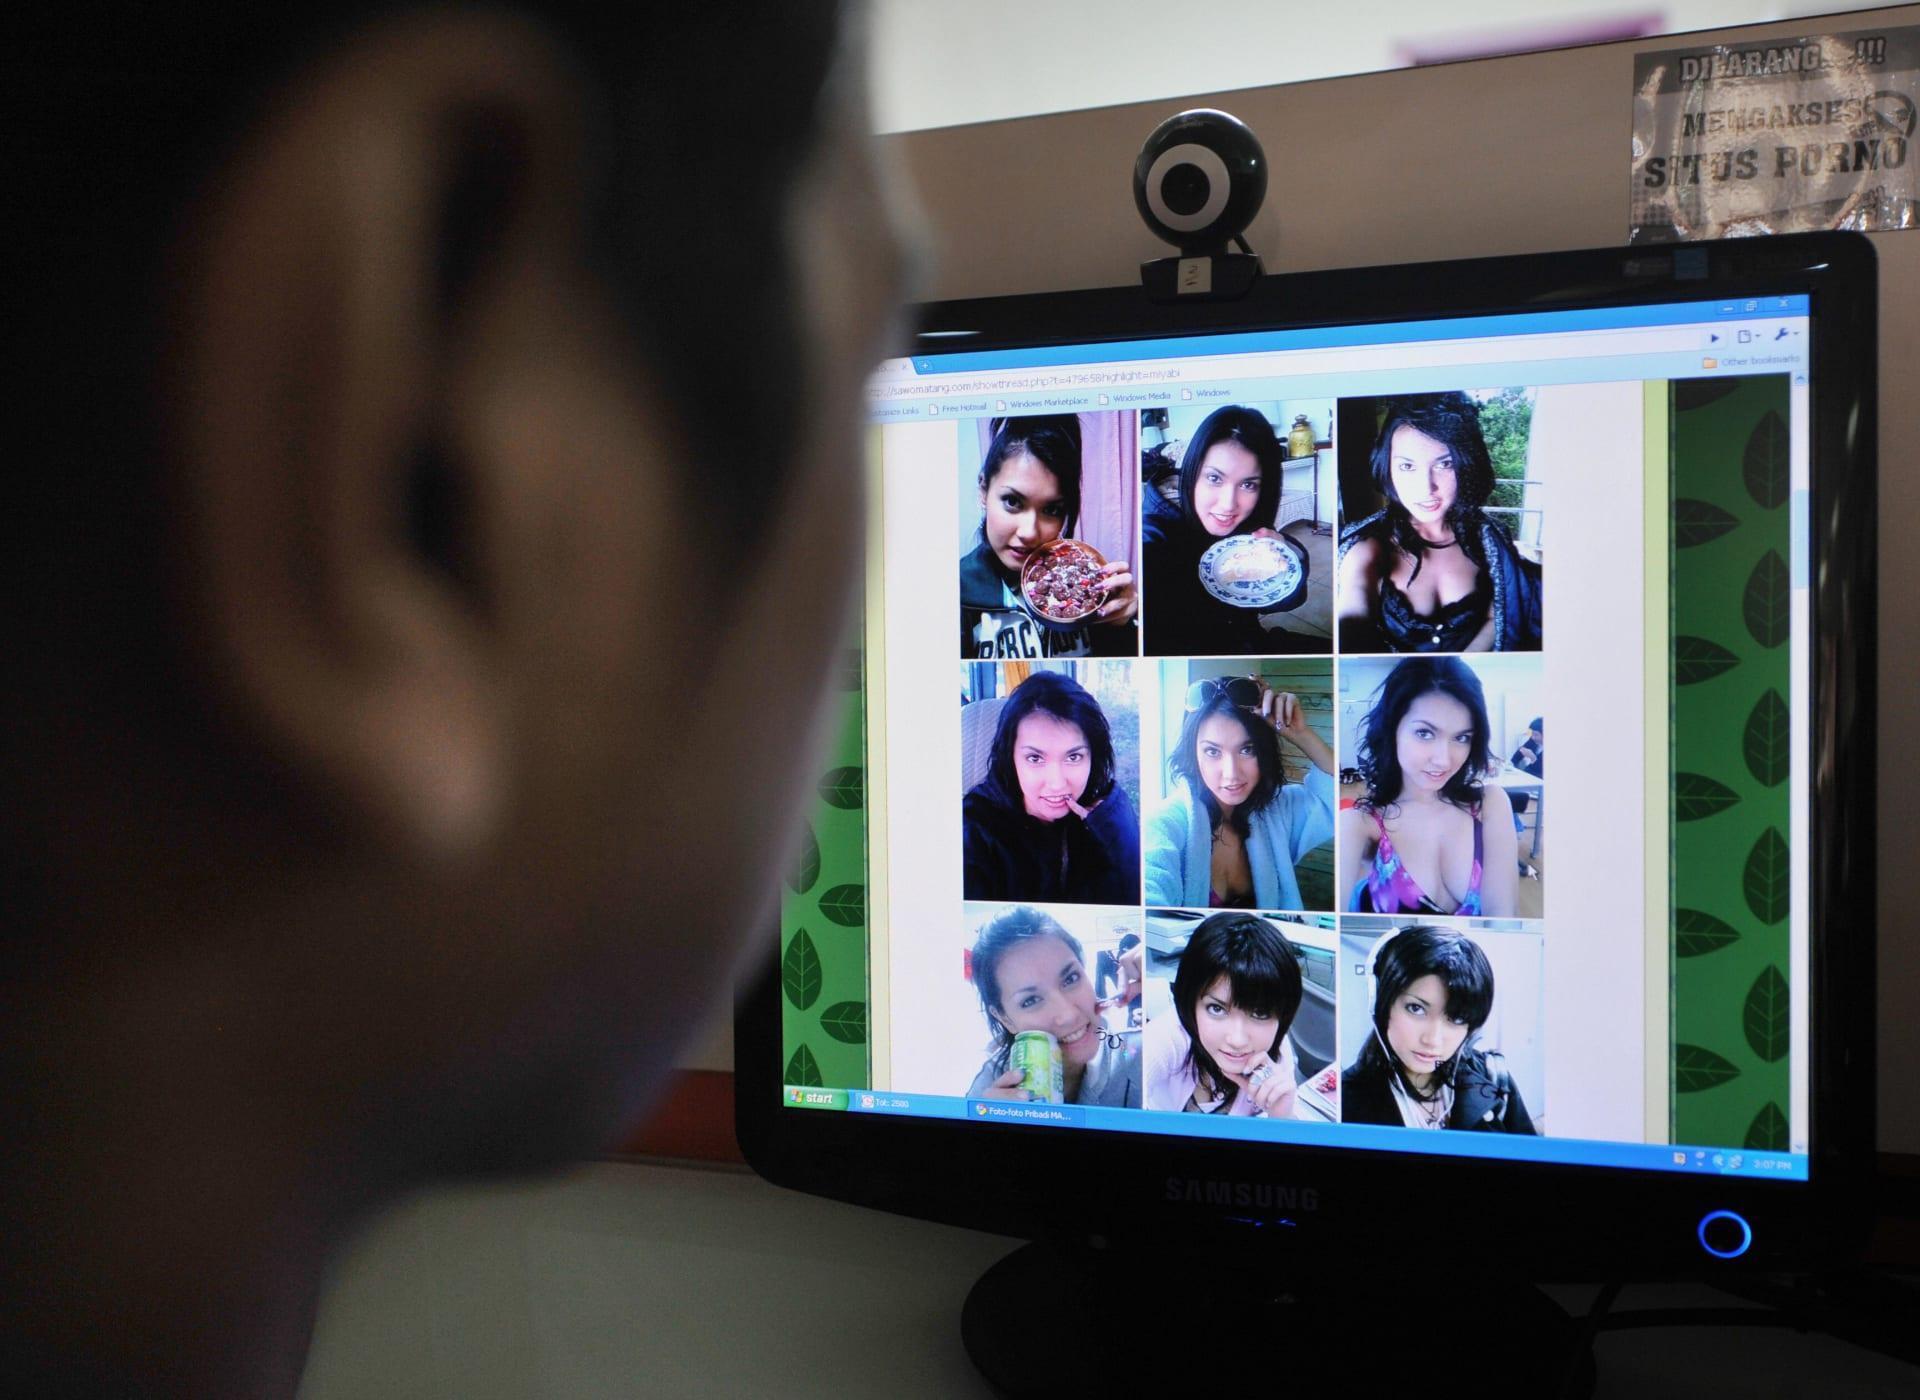 """العقوبة تصل للسجن.. السعودية تحذر من تداول المواد """"الإباحية"""" عبر الإنترنت"""